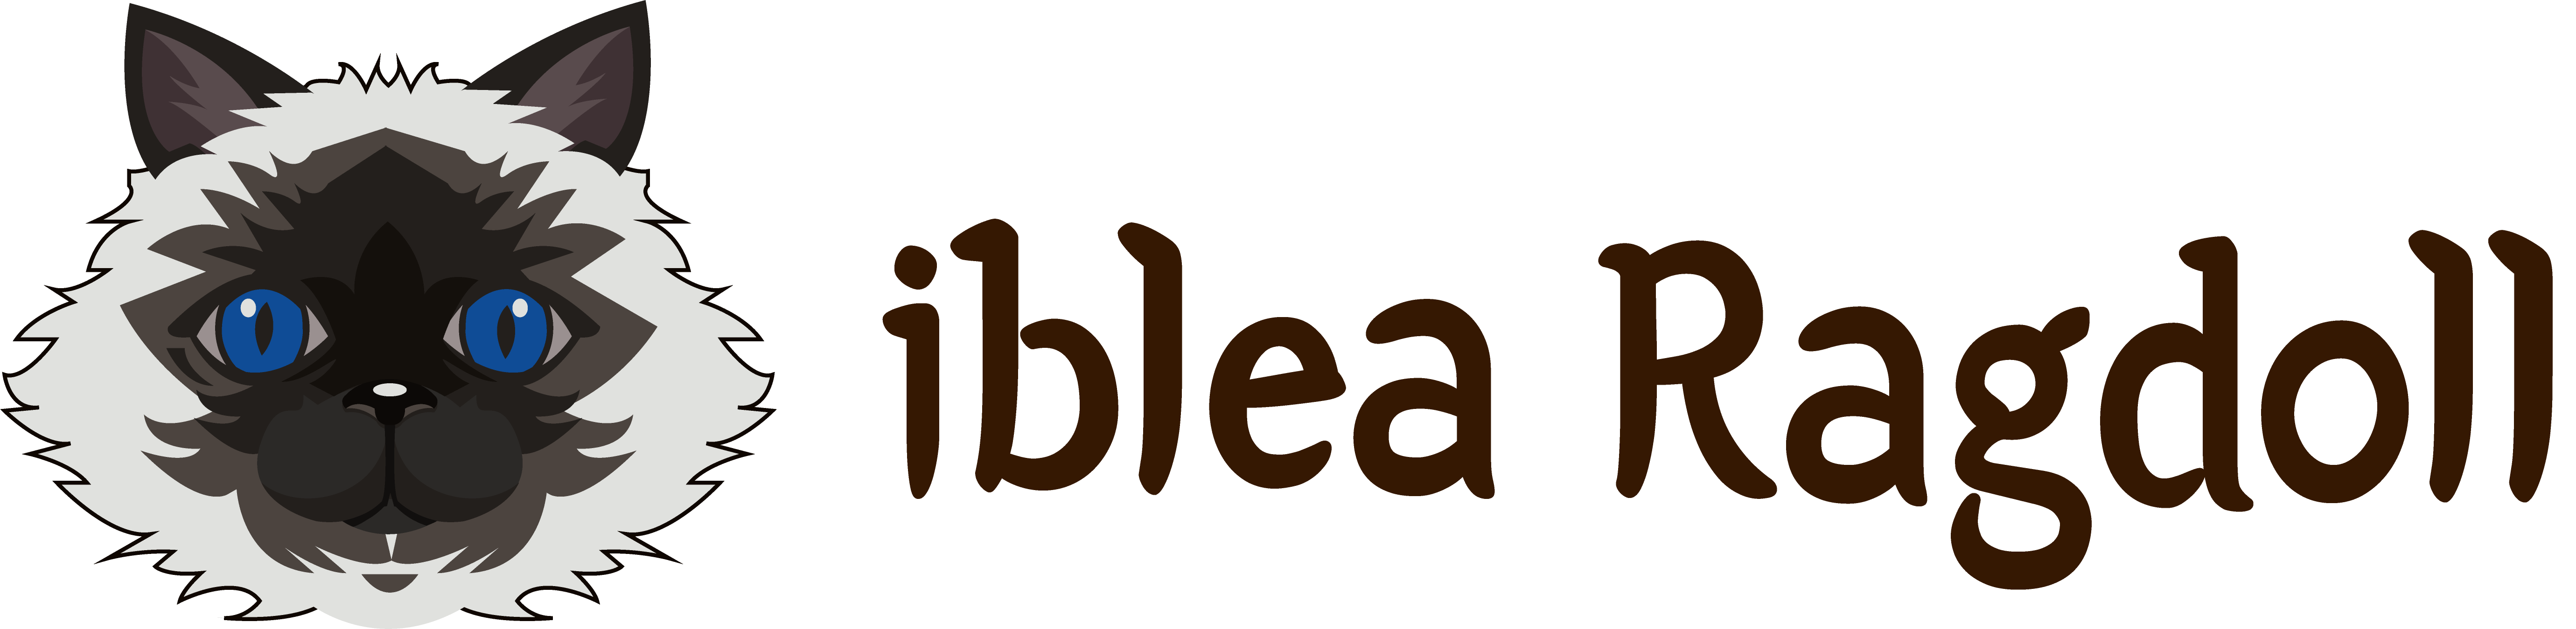 Iblea Ragdoll